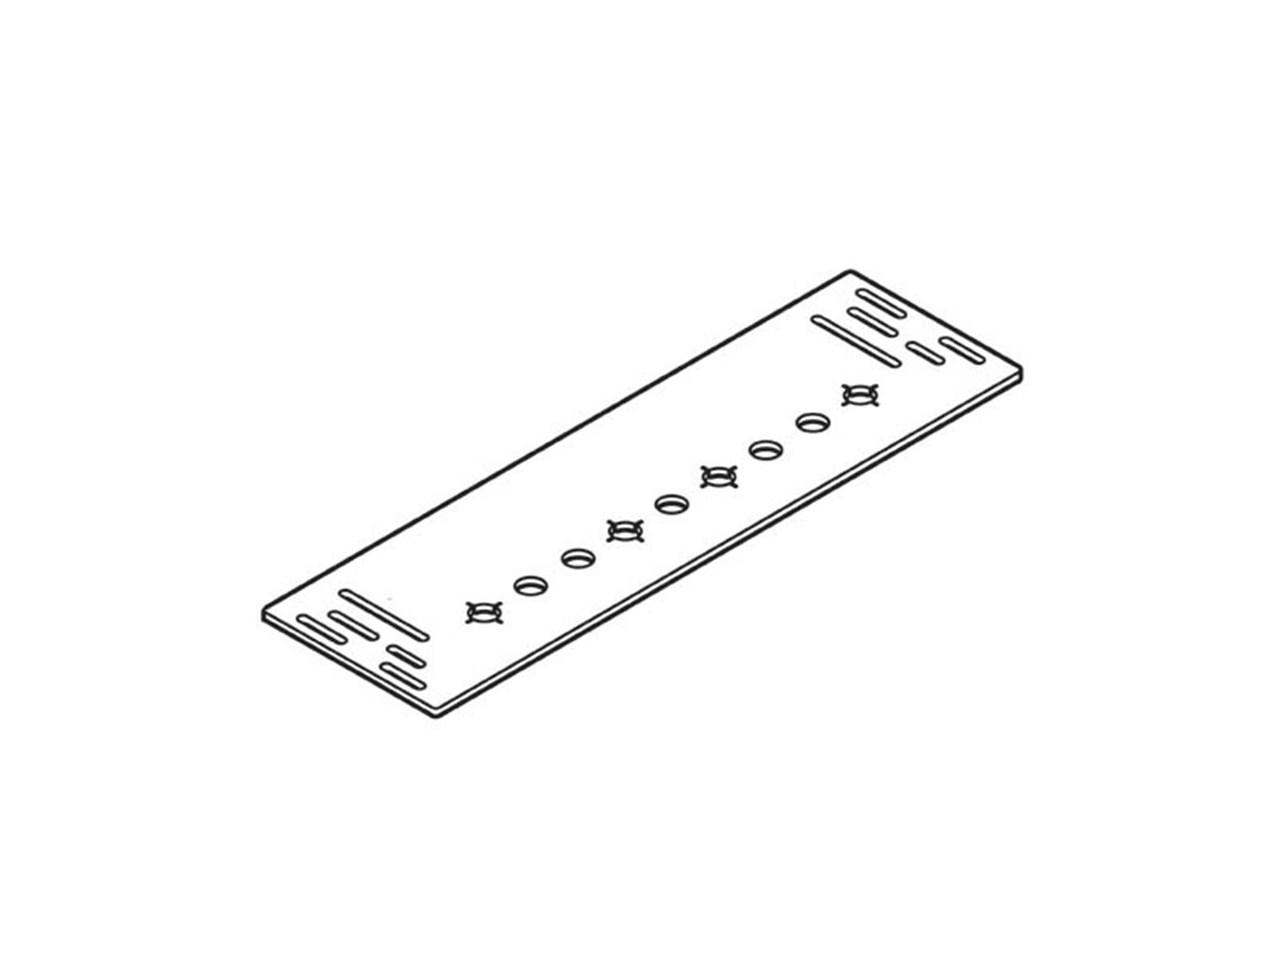 Trend WP-CDJ300/39 Template dowel 32mm CDJ300